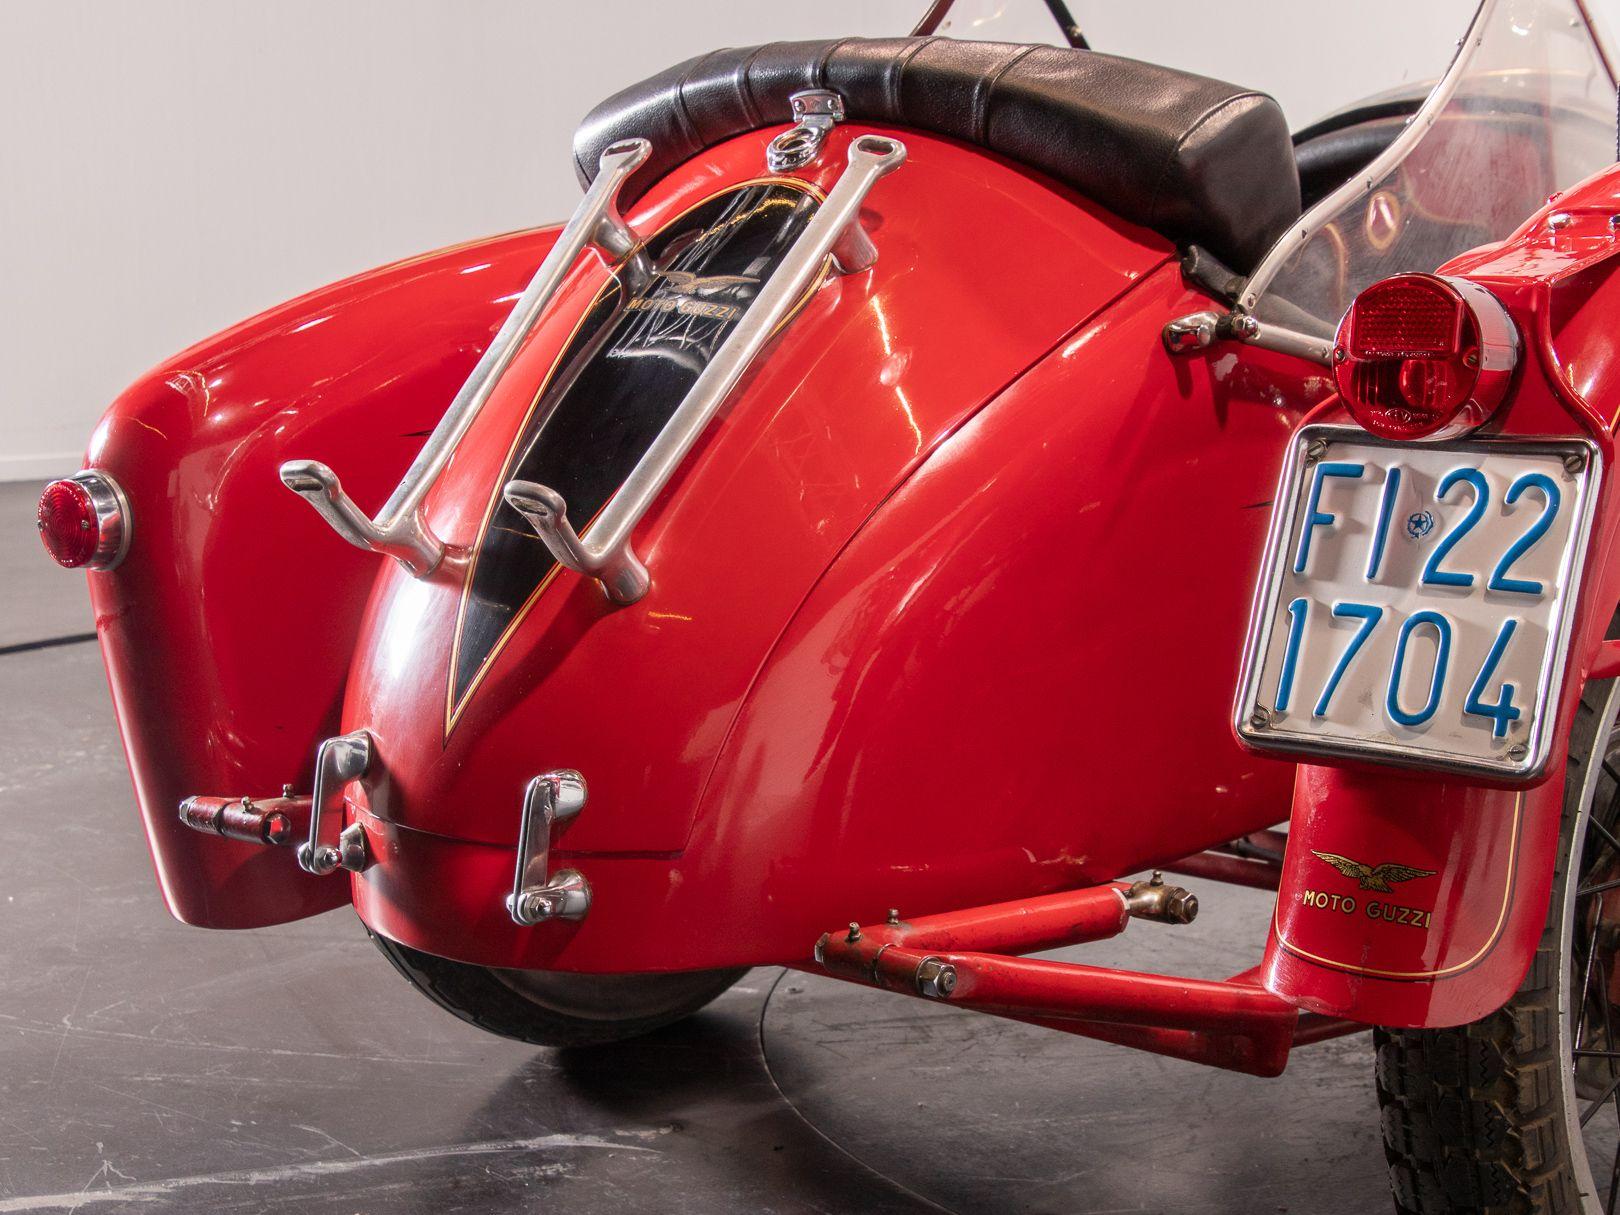 1956 Moto Guzzi 500 FS Sidecar 44966